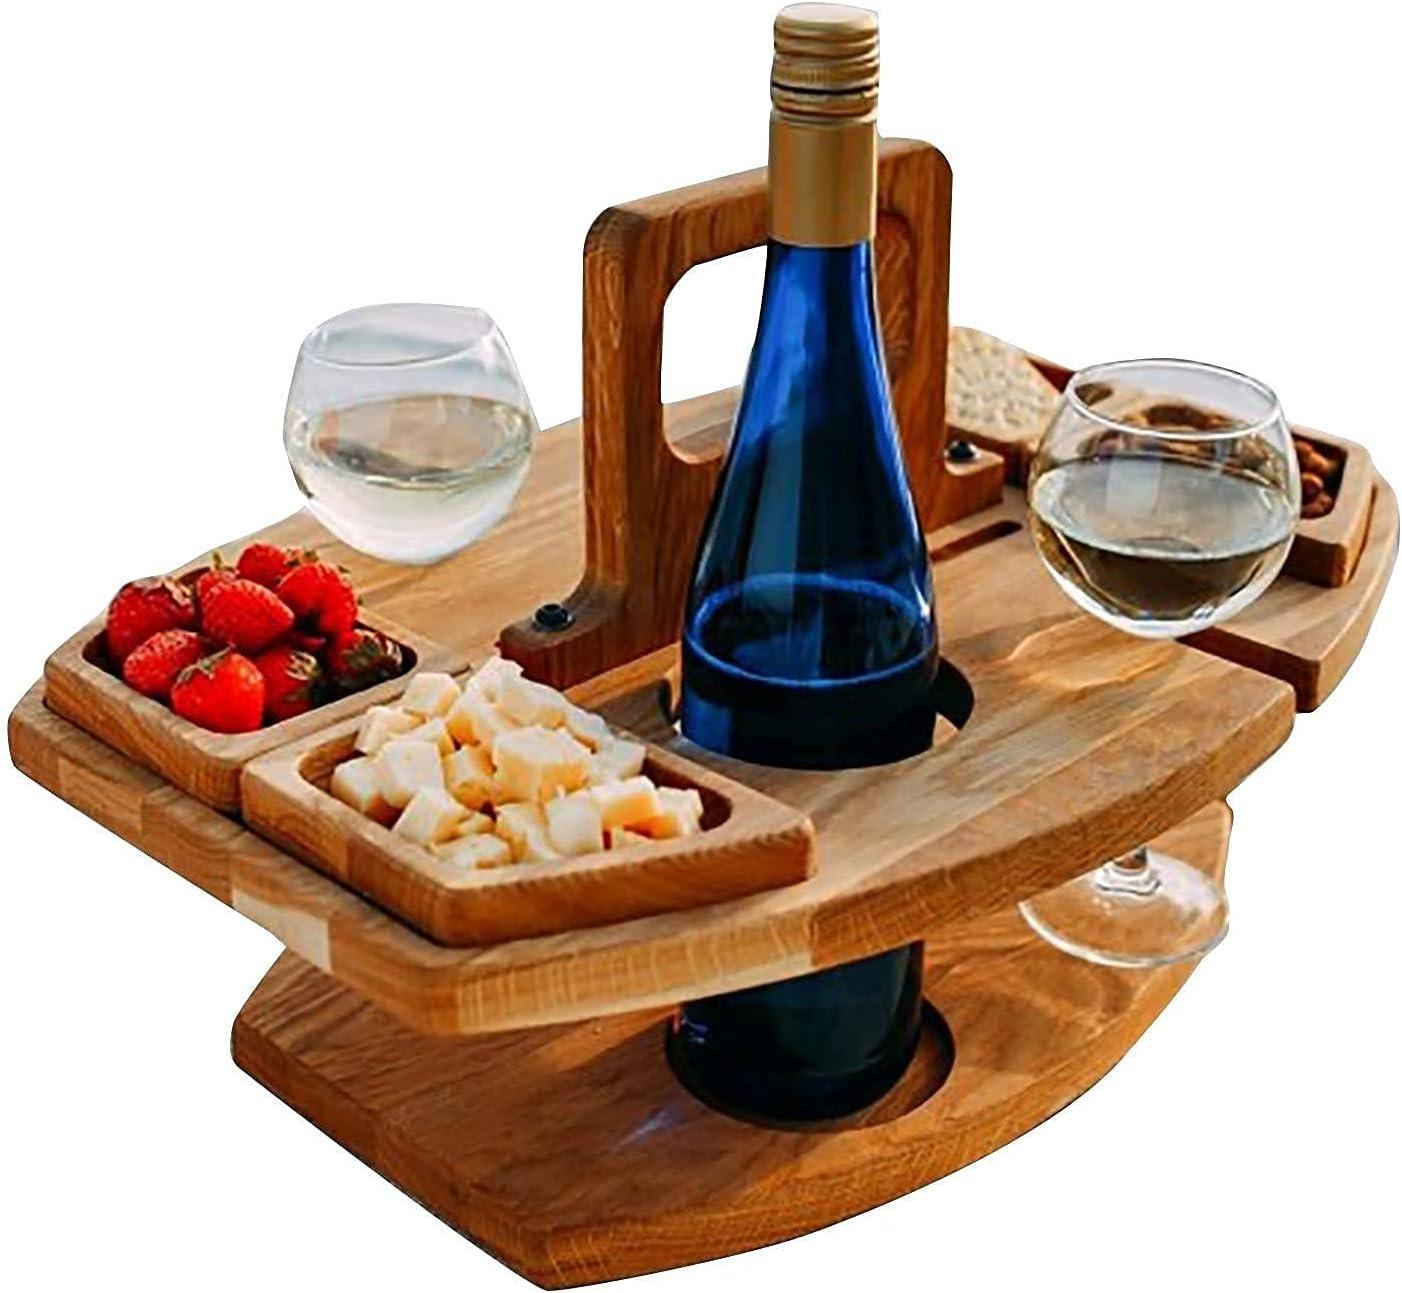 MWXFYWW Mesa de Vino Plegable para Acampar al Aire Libre, Mesa de Vino de Picnic de Madera, Mesa de Playa Portátil de Lujo, Soporte para Copas de Vino para Viajes Jardín Pequeña